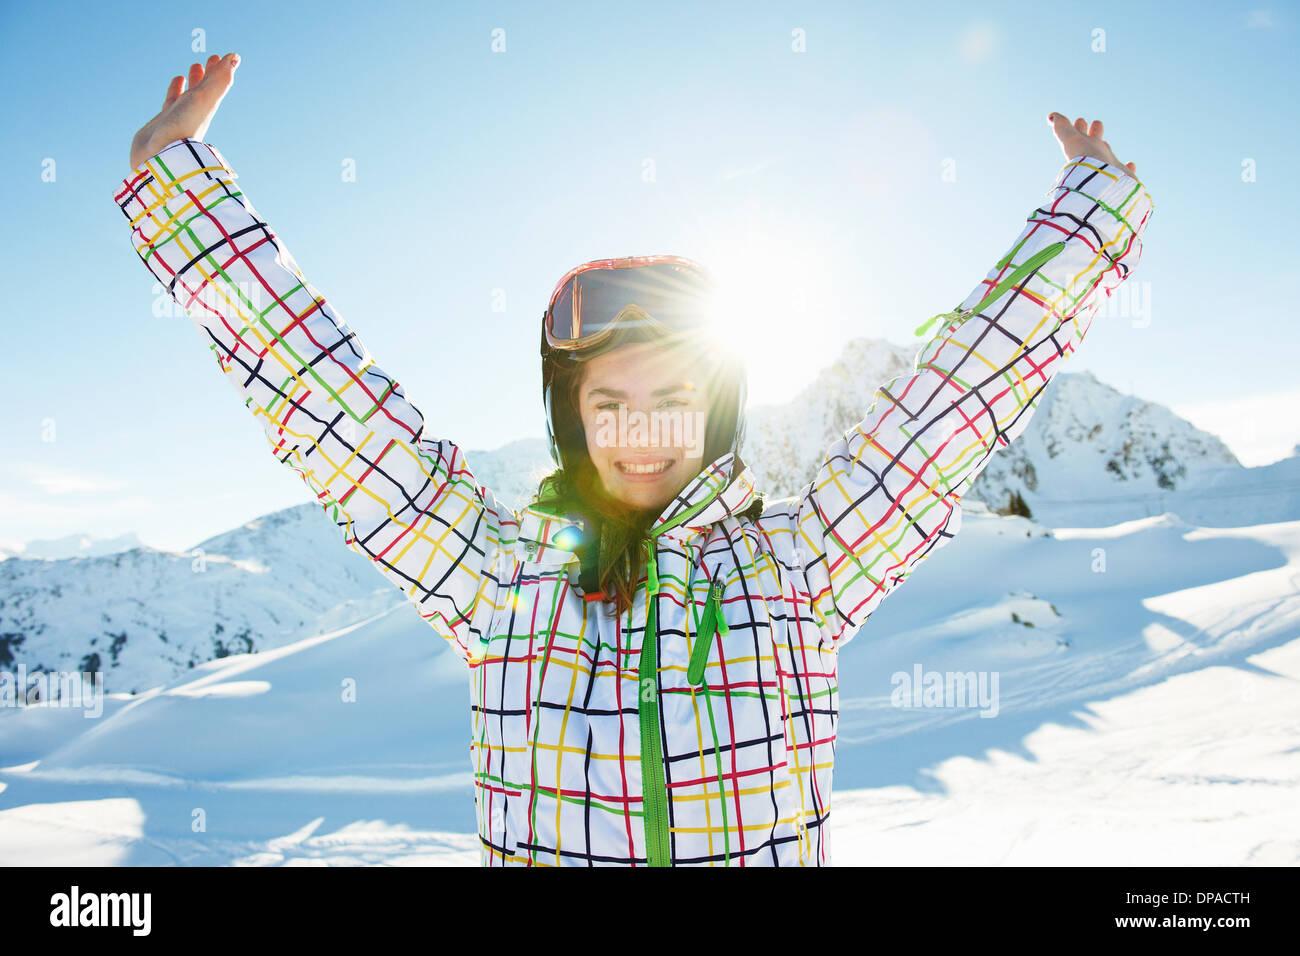 Portrait of teenage girl skieur ayant les bras tendus, Les Arcs, Haute-Savoie, France Photo Stock